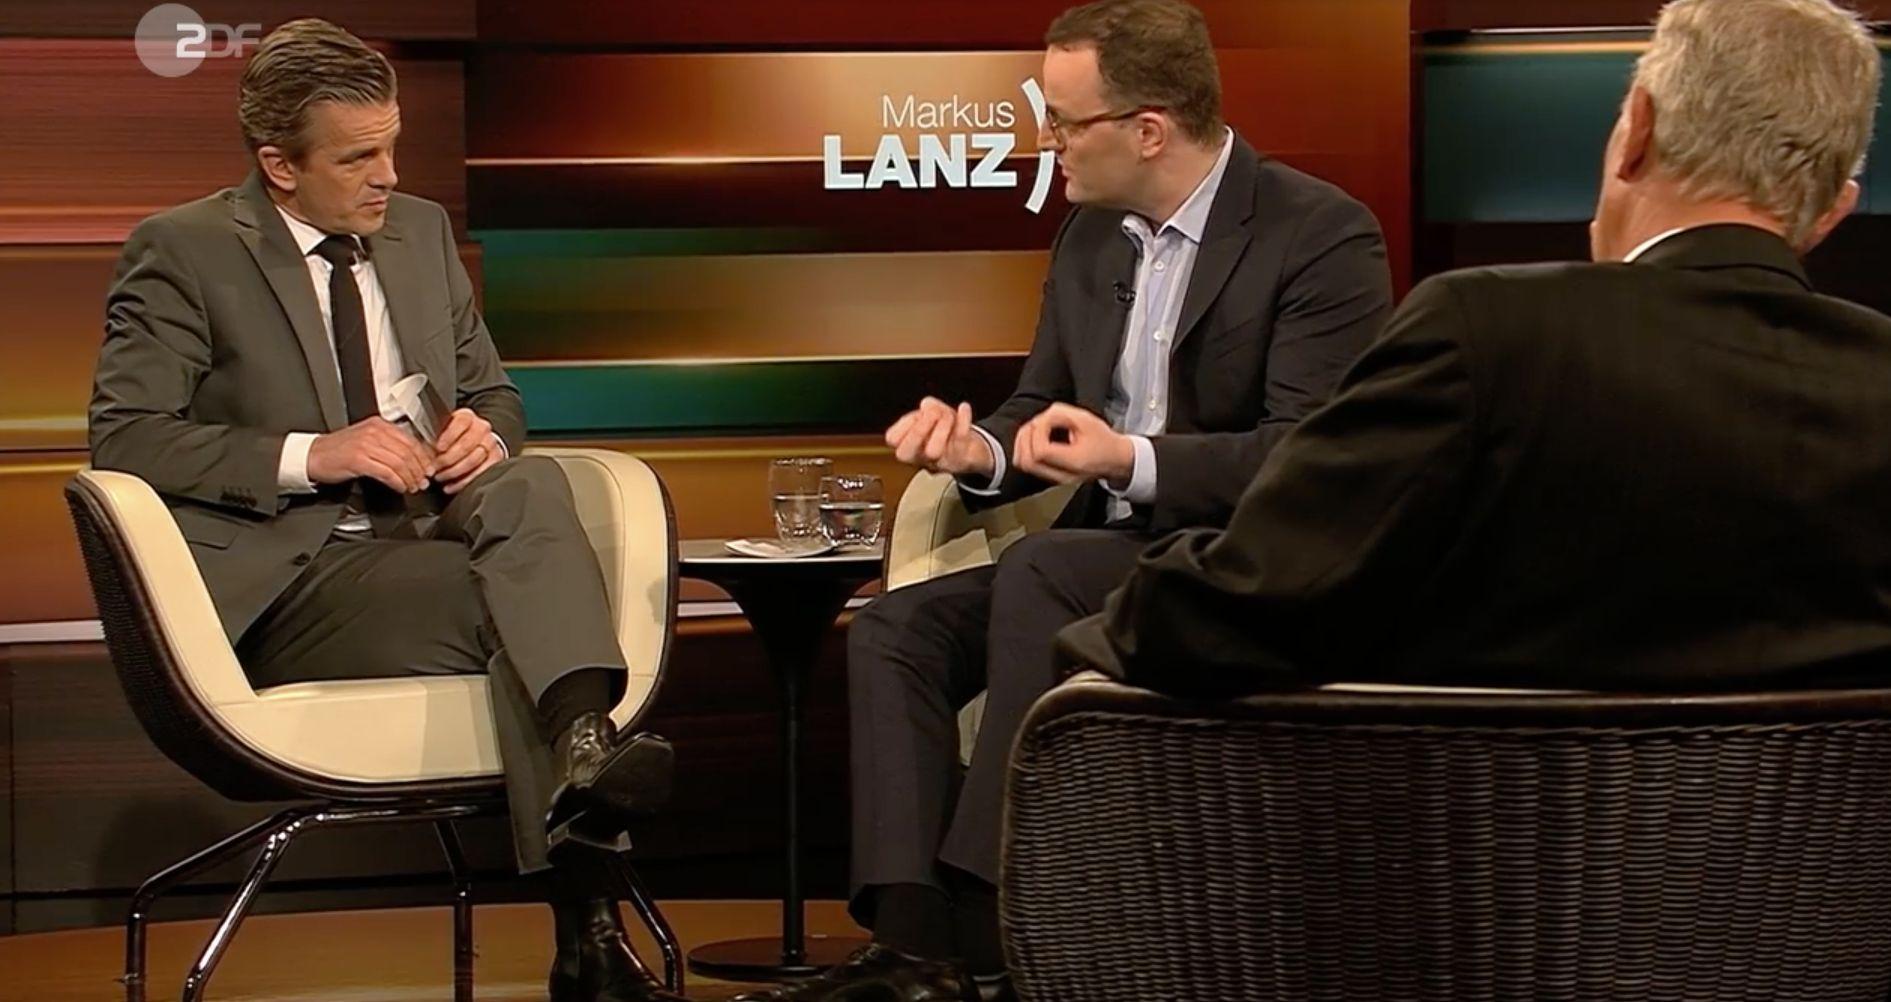 Jens Spahn: Auf Schwulen-Hetze kontert CDU-Mann bei Facebook Live gelassen